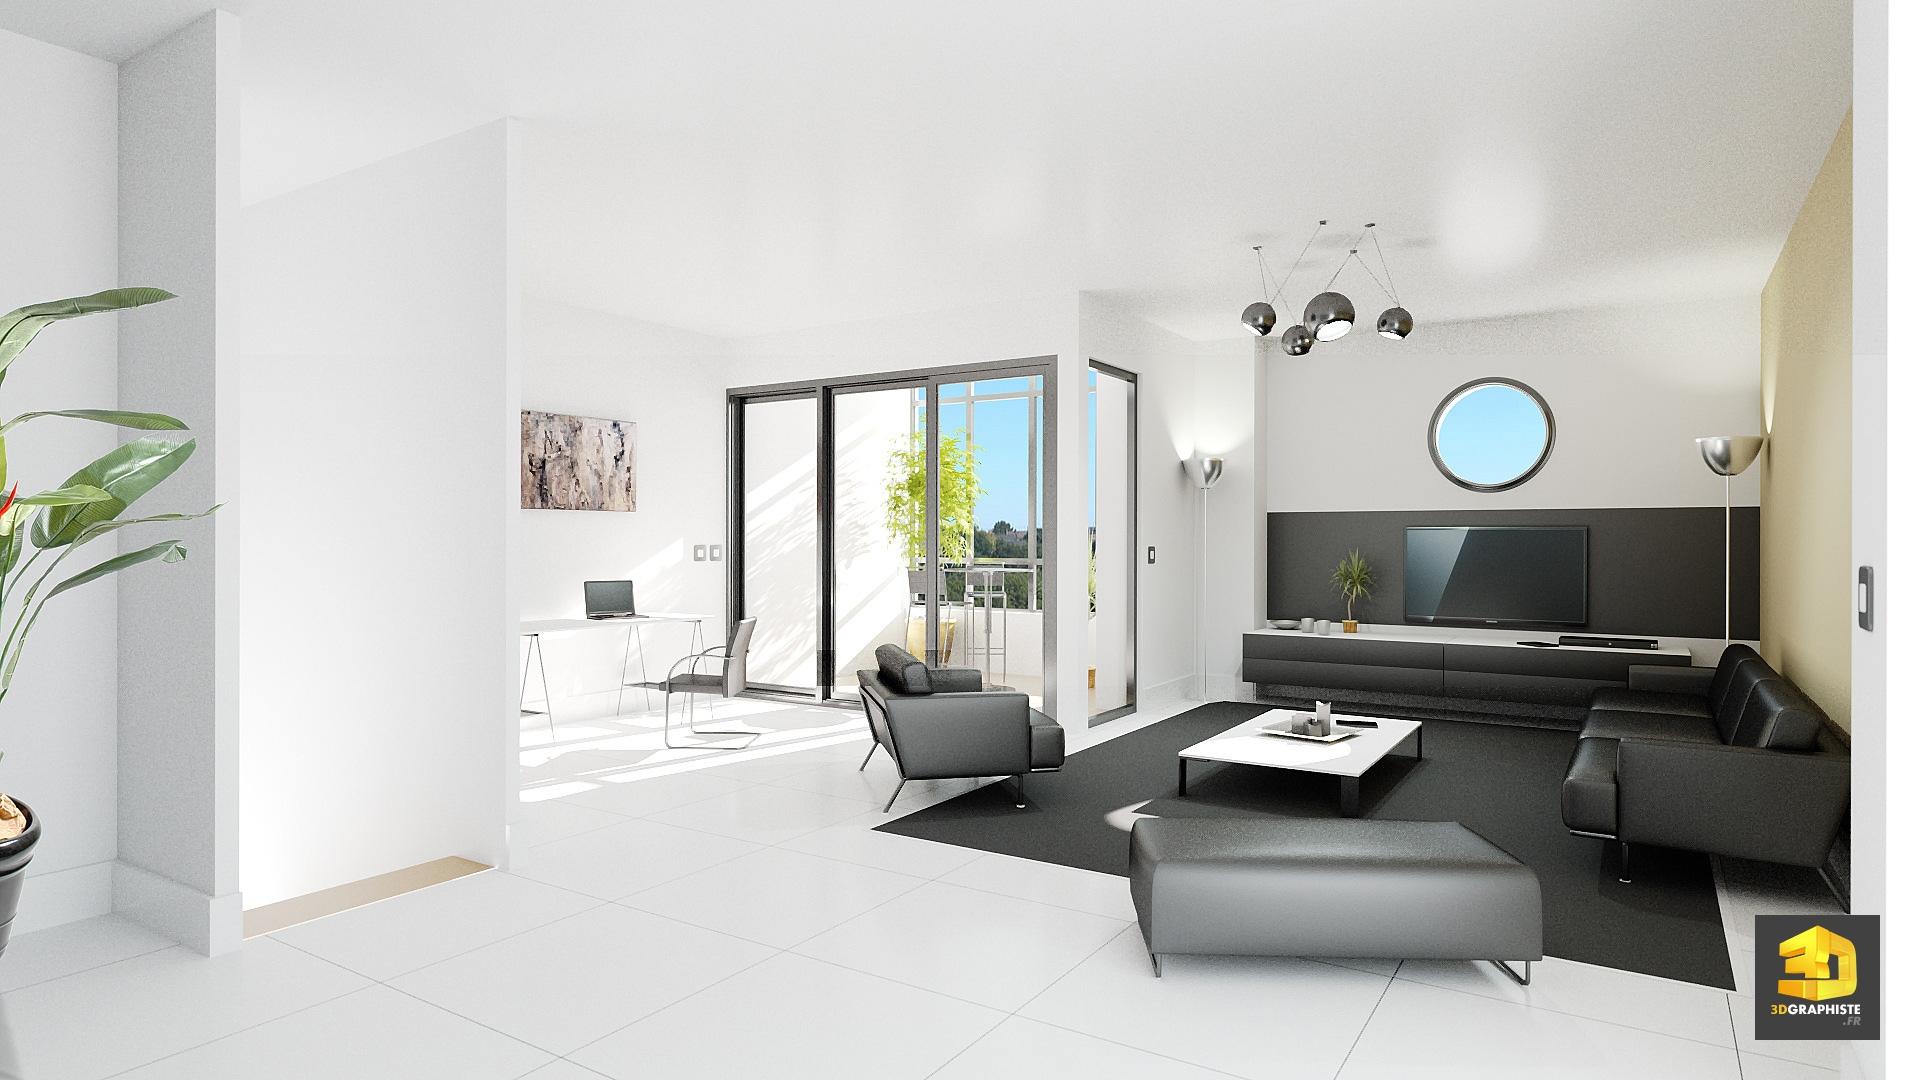 perspective pour l 39 immobilier d 39 un salon s jour 3dgraphiste fr. Black Bedroom Furniture Sets. Home Design Ideas